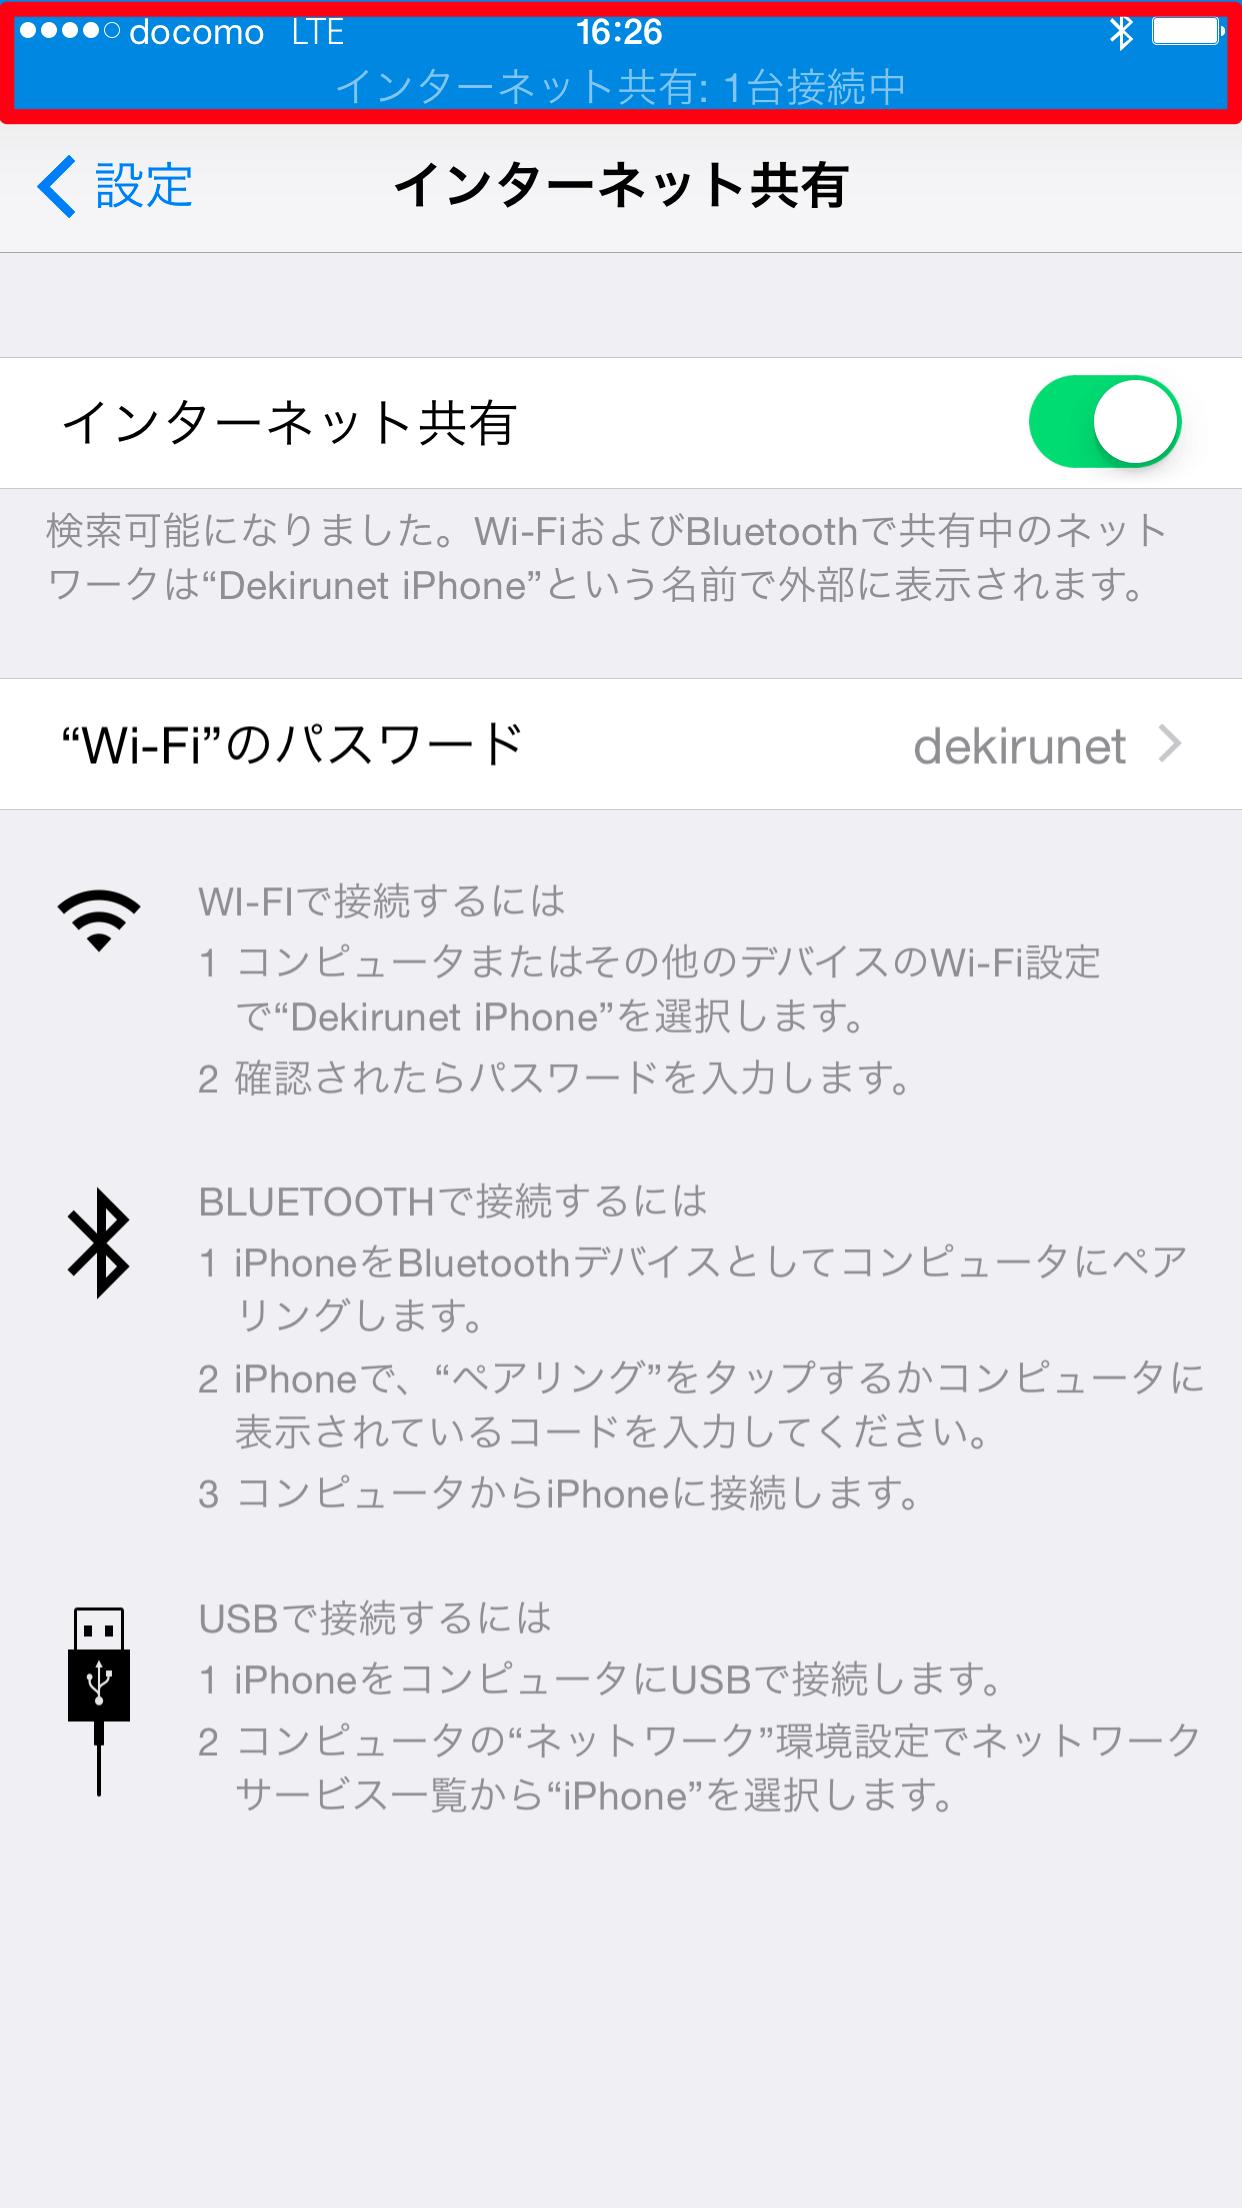 iPhoneの画面を確認する